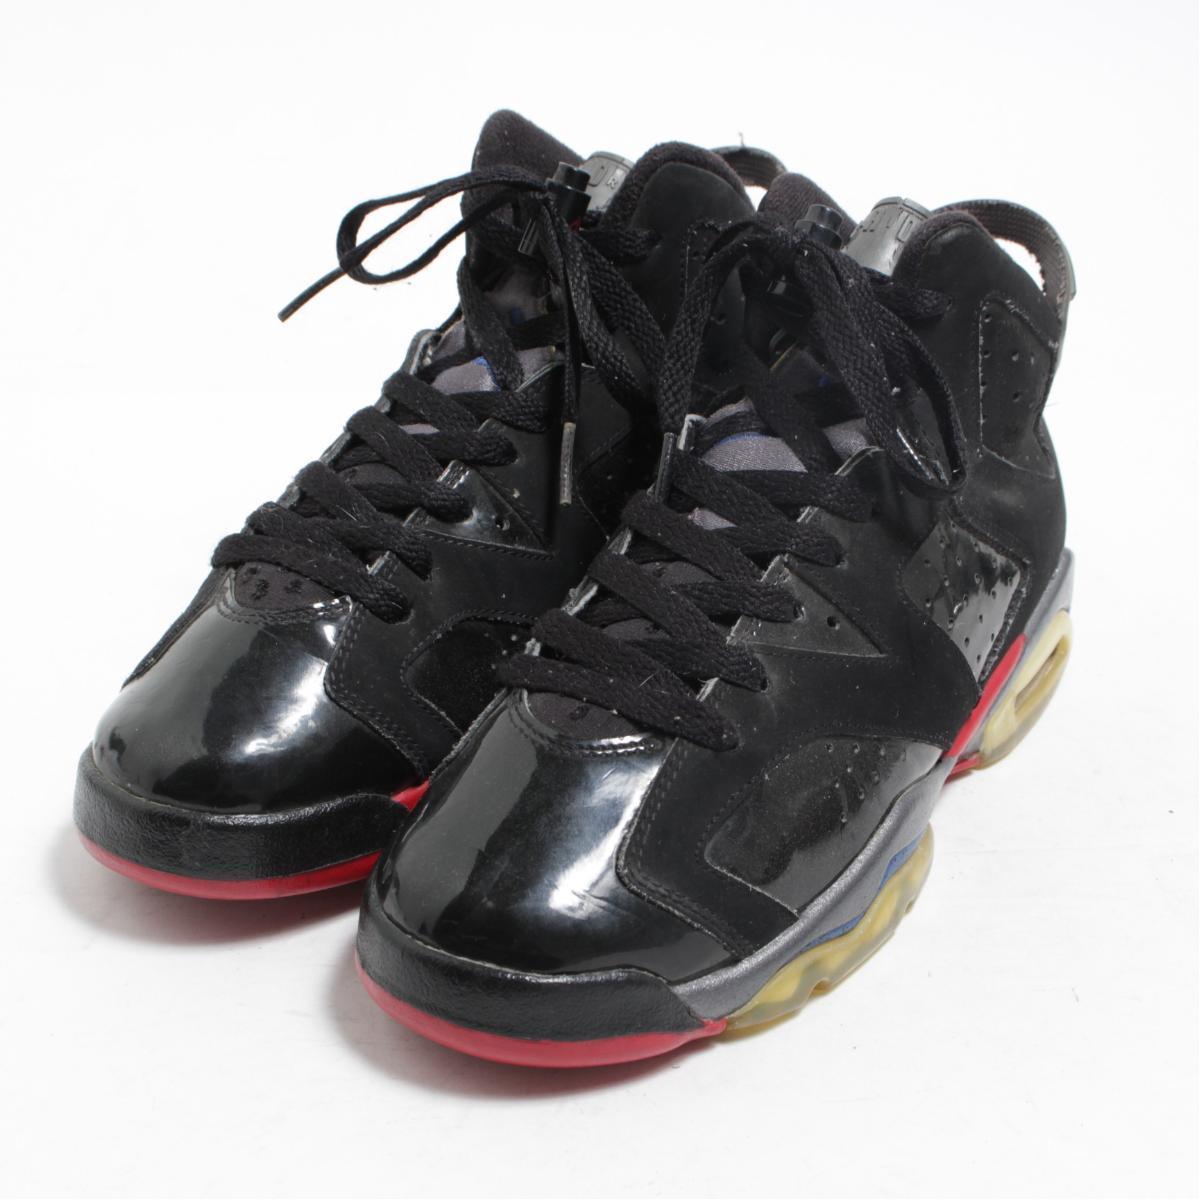 17962c449d4691 VINTAGE CLOTHING JAM  Nike NIKE AIR JORDAN 6 RETRO sneakers US5.5Y ...